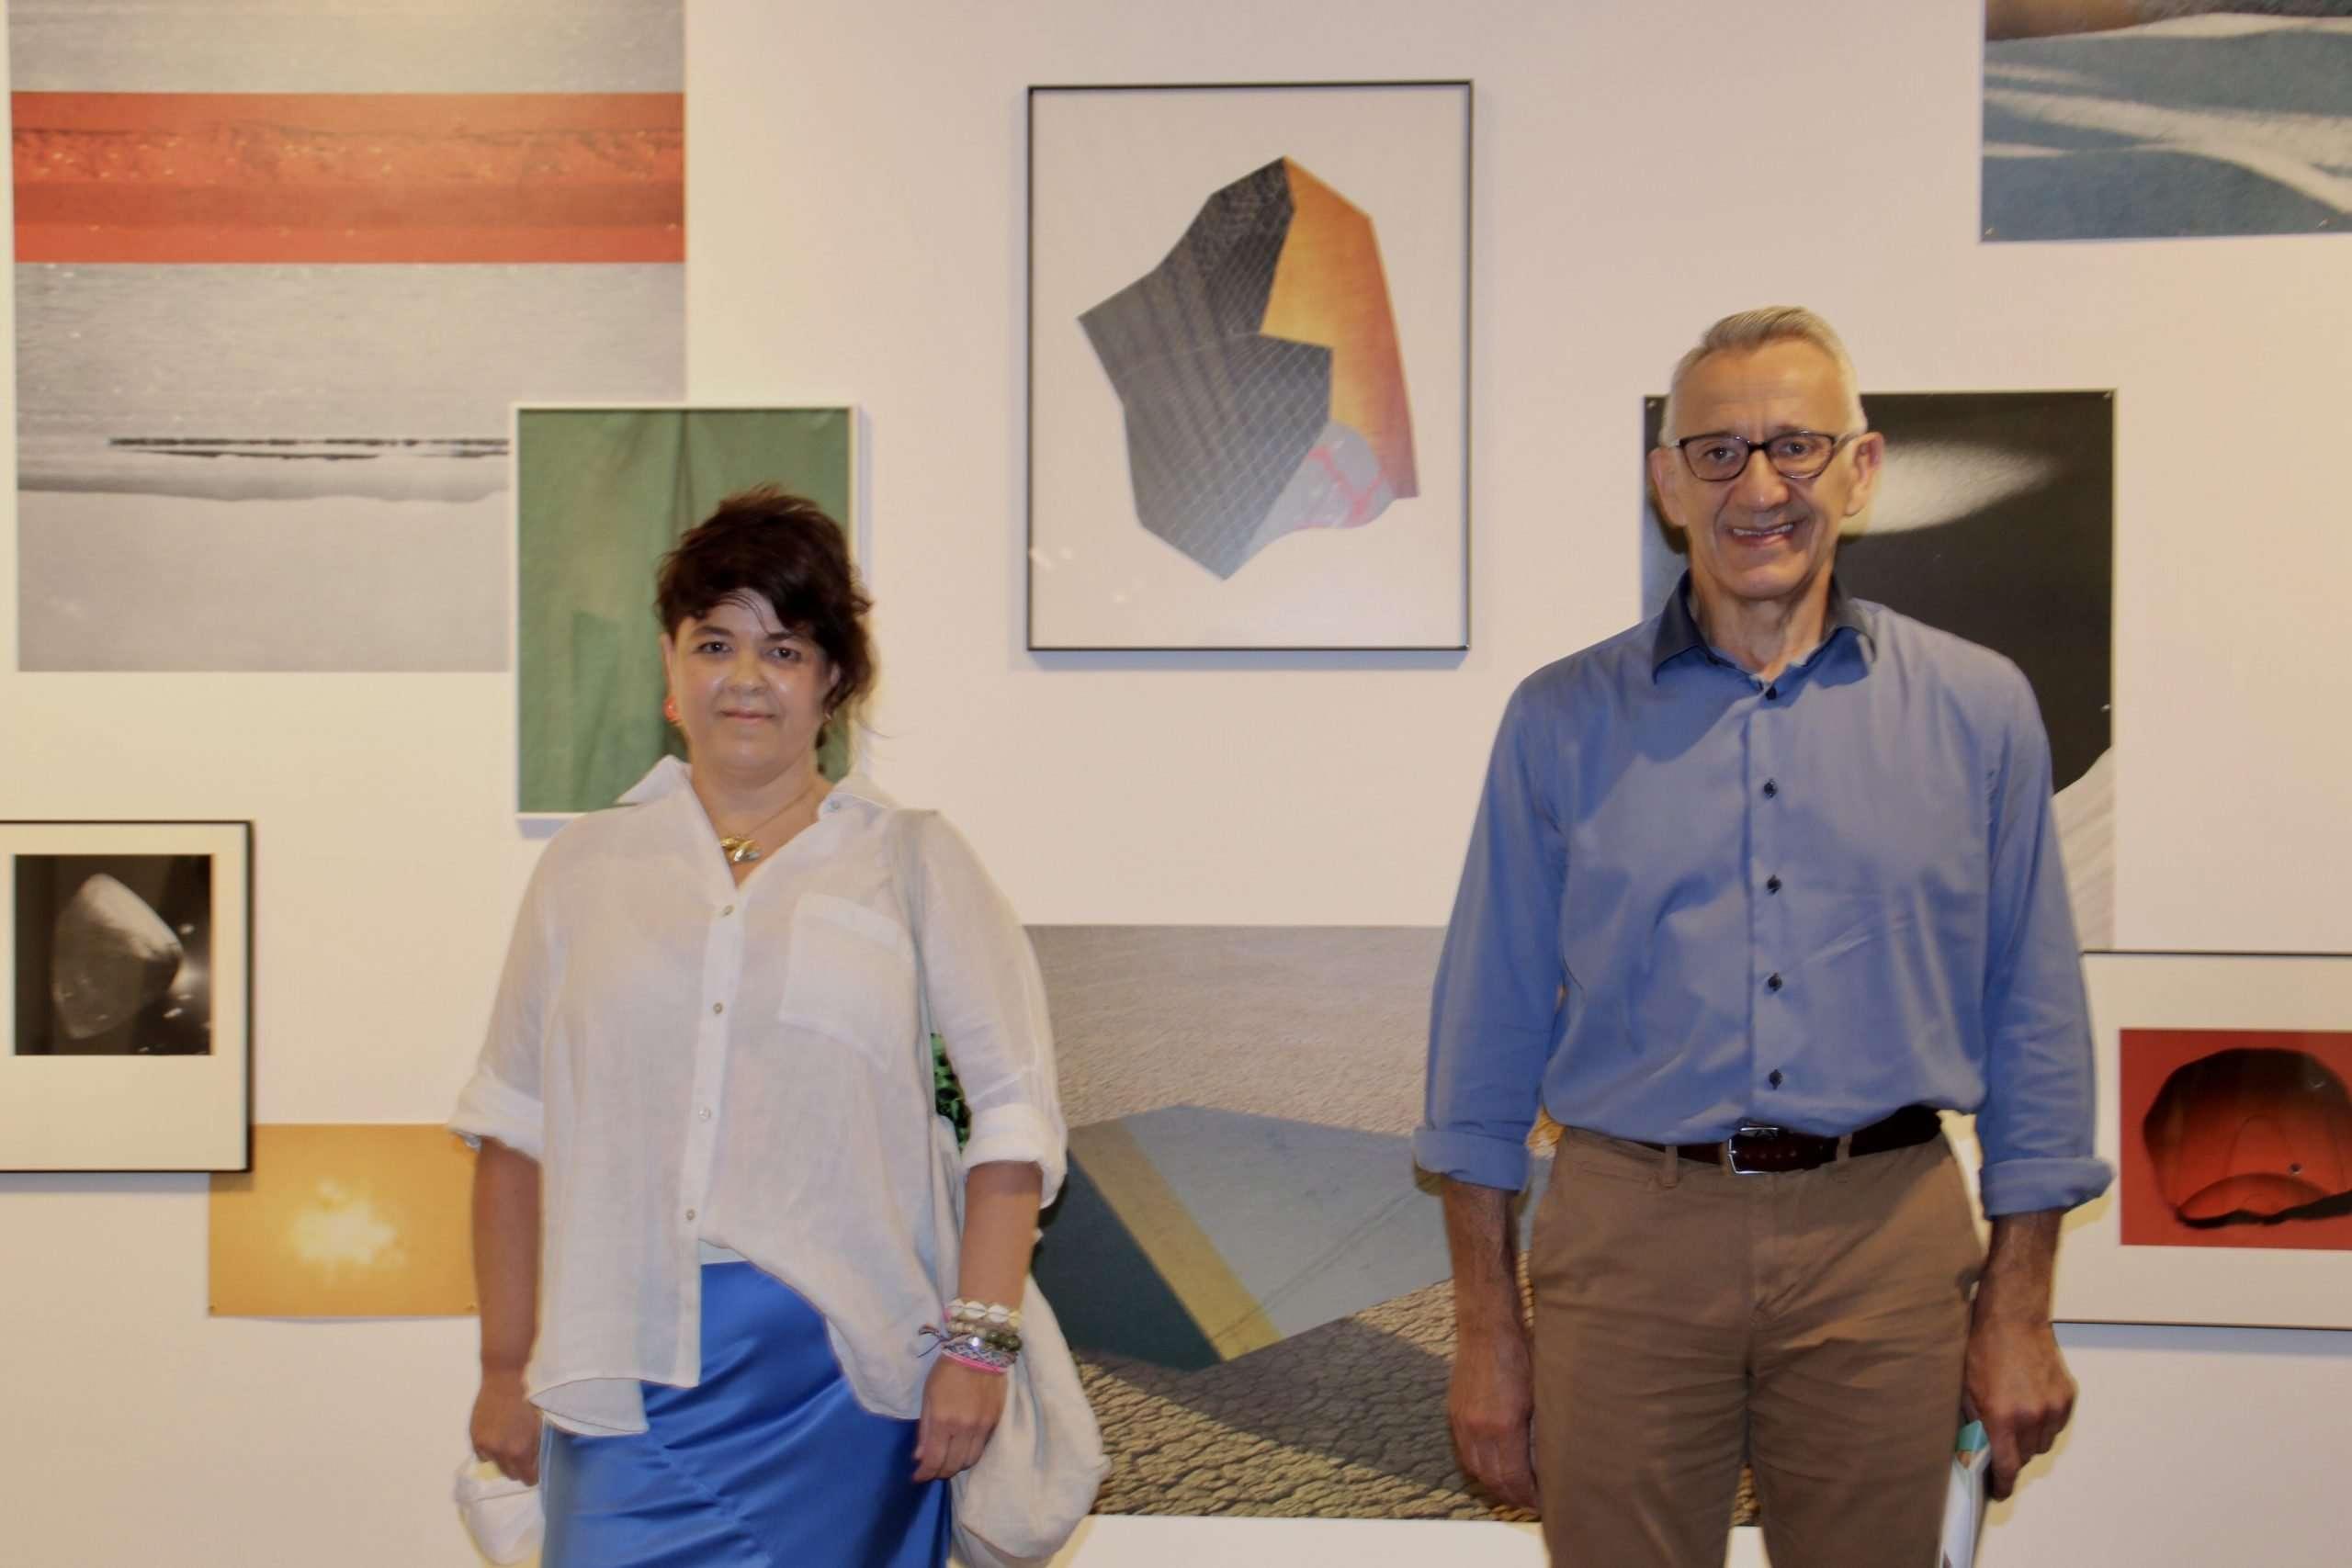 El vicepresidente de Innovación Económica y Social, Juan Antonio García; y la artista palmerina Esther Morcillo.